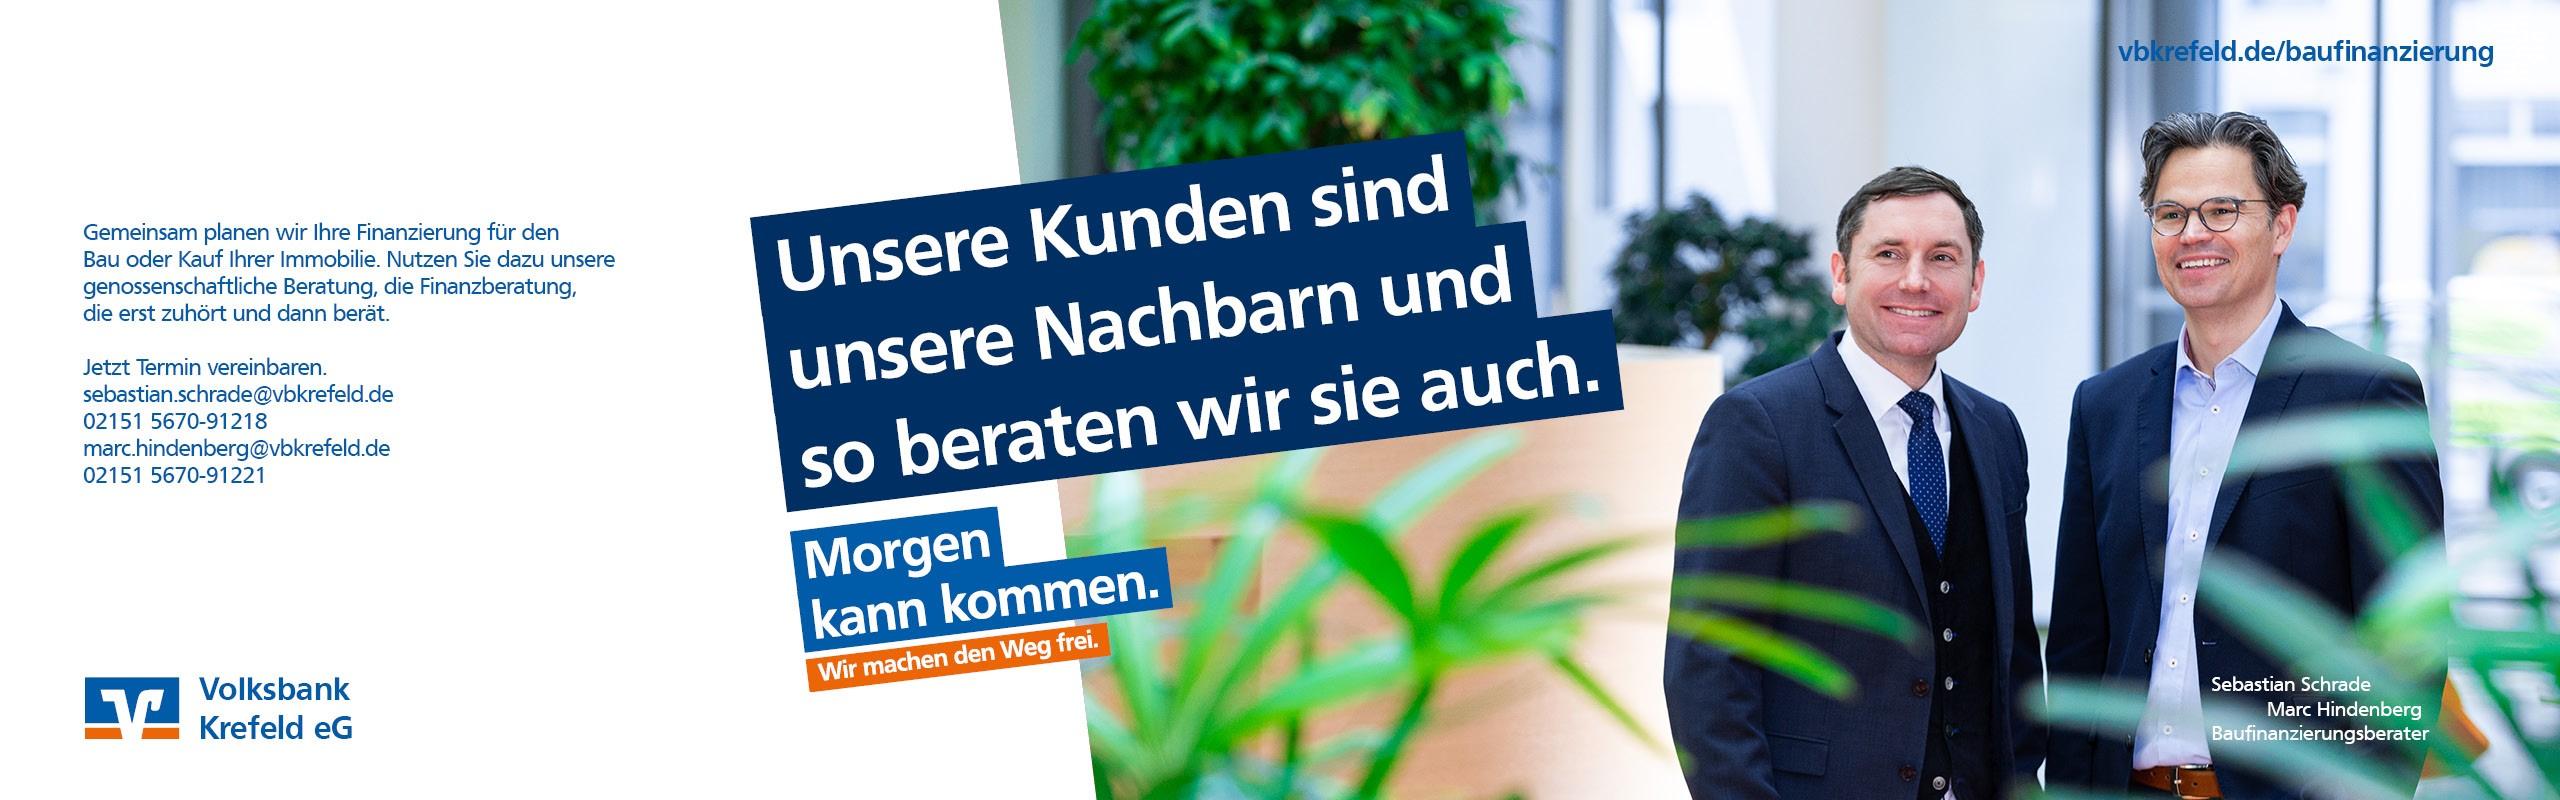 Morgen kann kommen – mit der Volksbank Krefeld